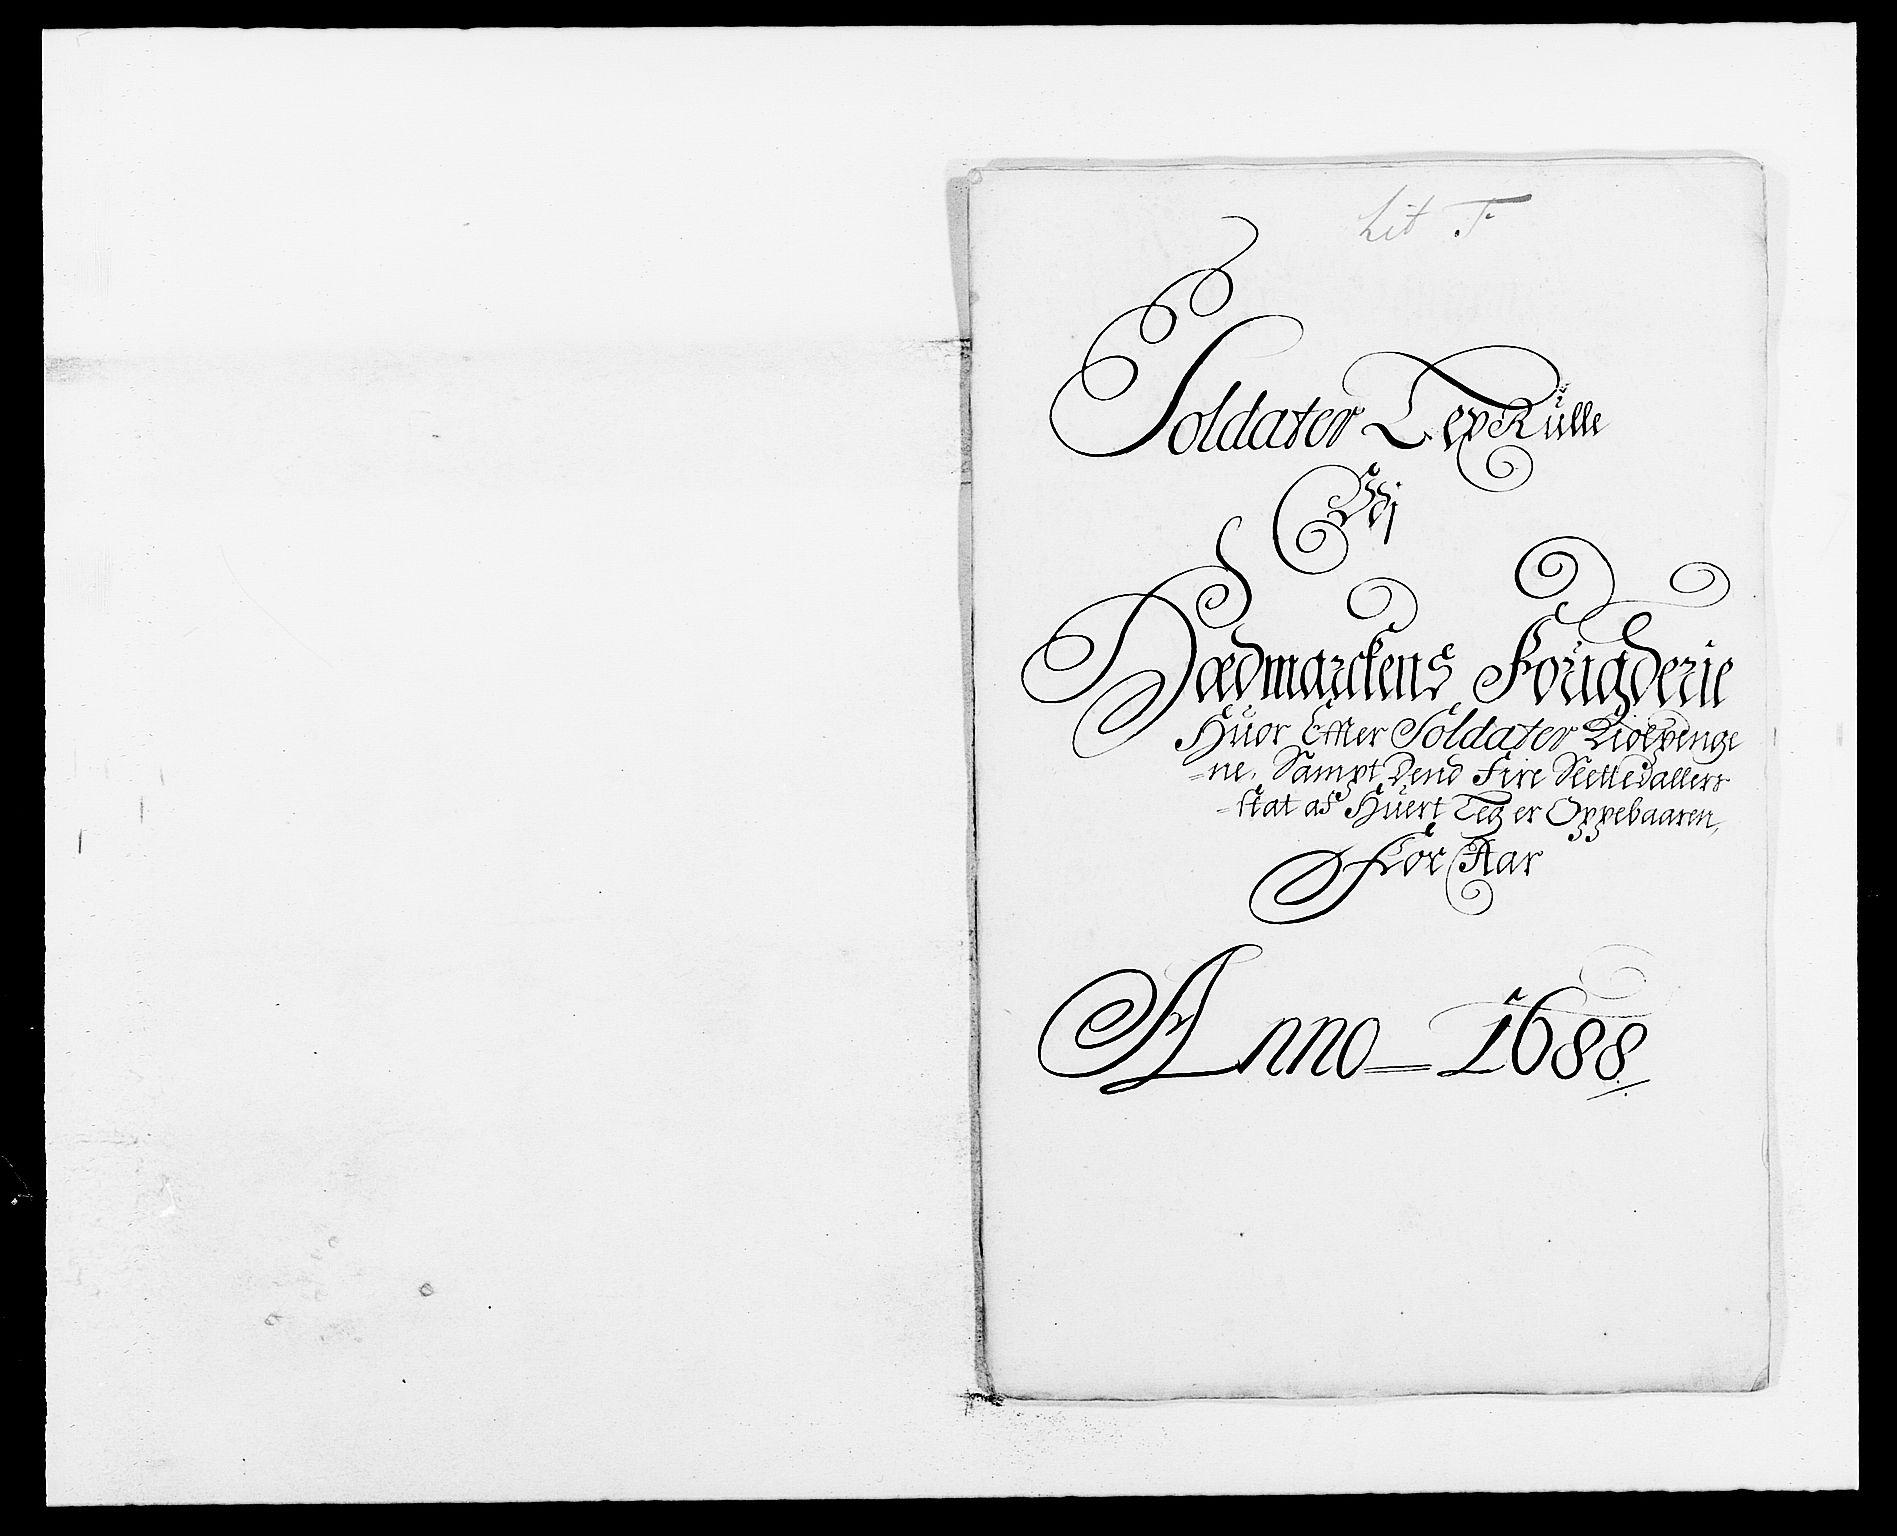 RA, Rentekammeret inntil 1814, Reviderte regnskaper, Fogderegnskap, R16/L1029: Fogderegnskap Hedmark, 1688, s. 292